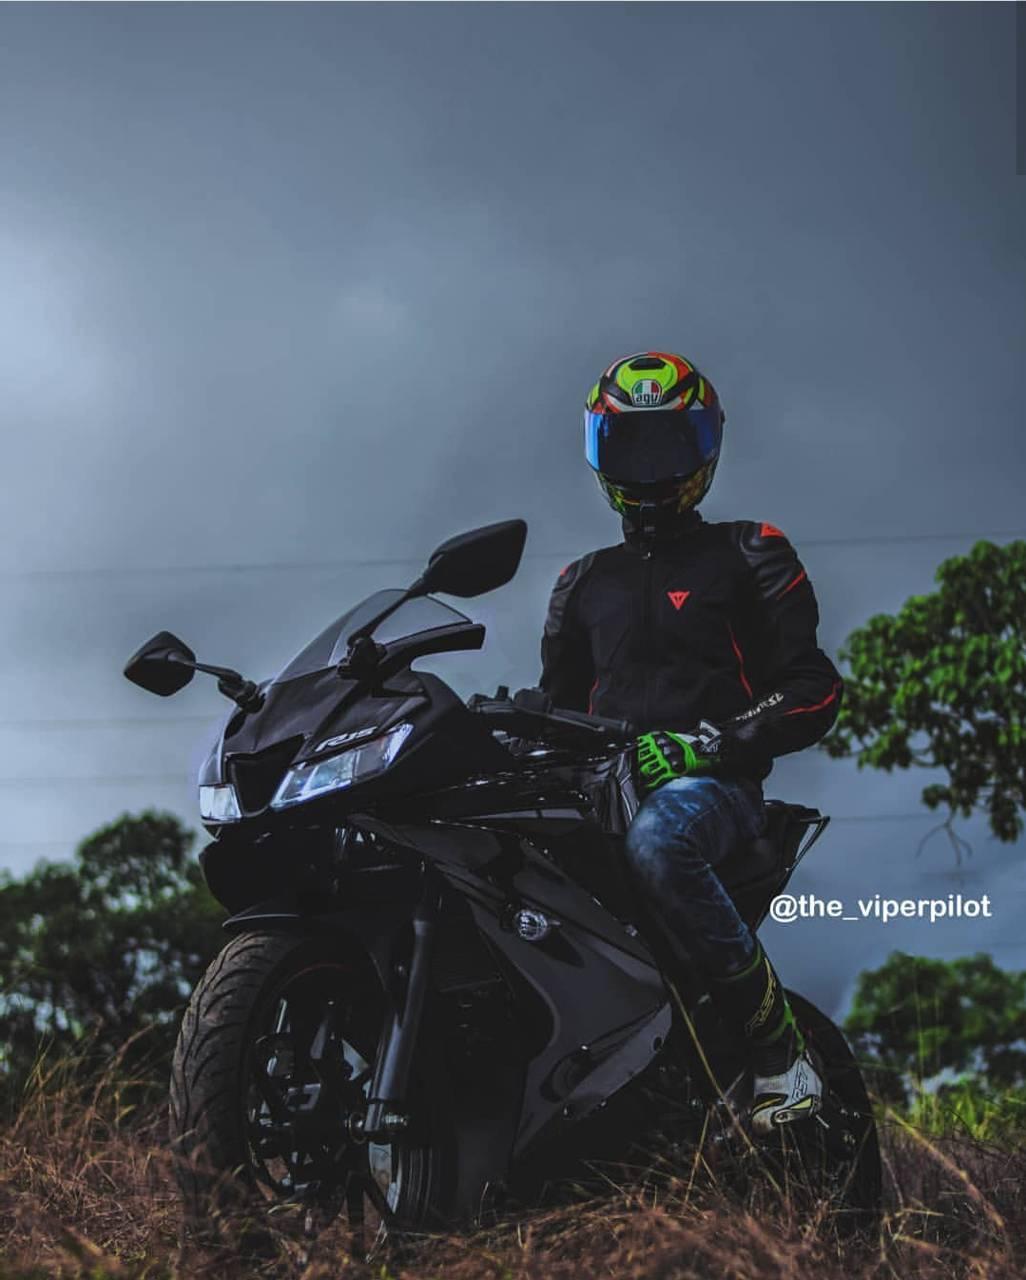 Viperpilot R3 2018